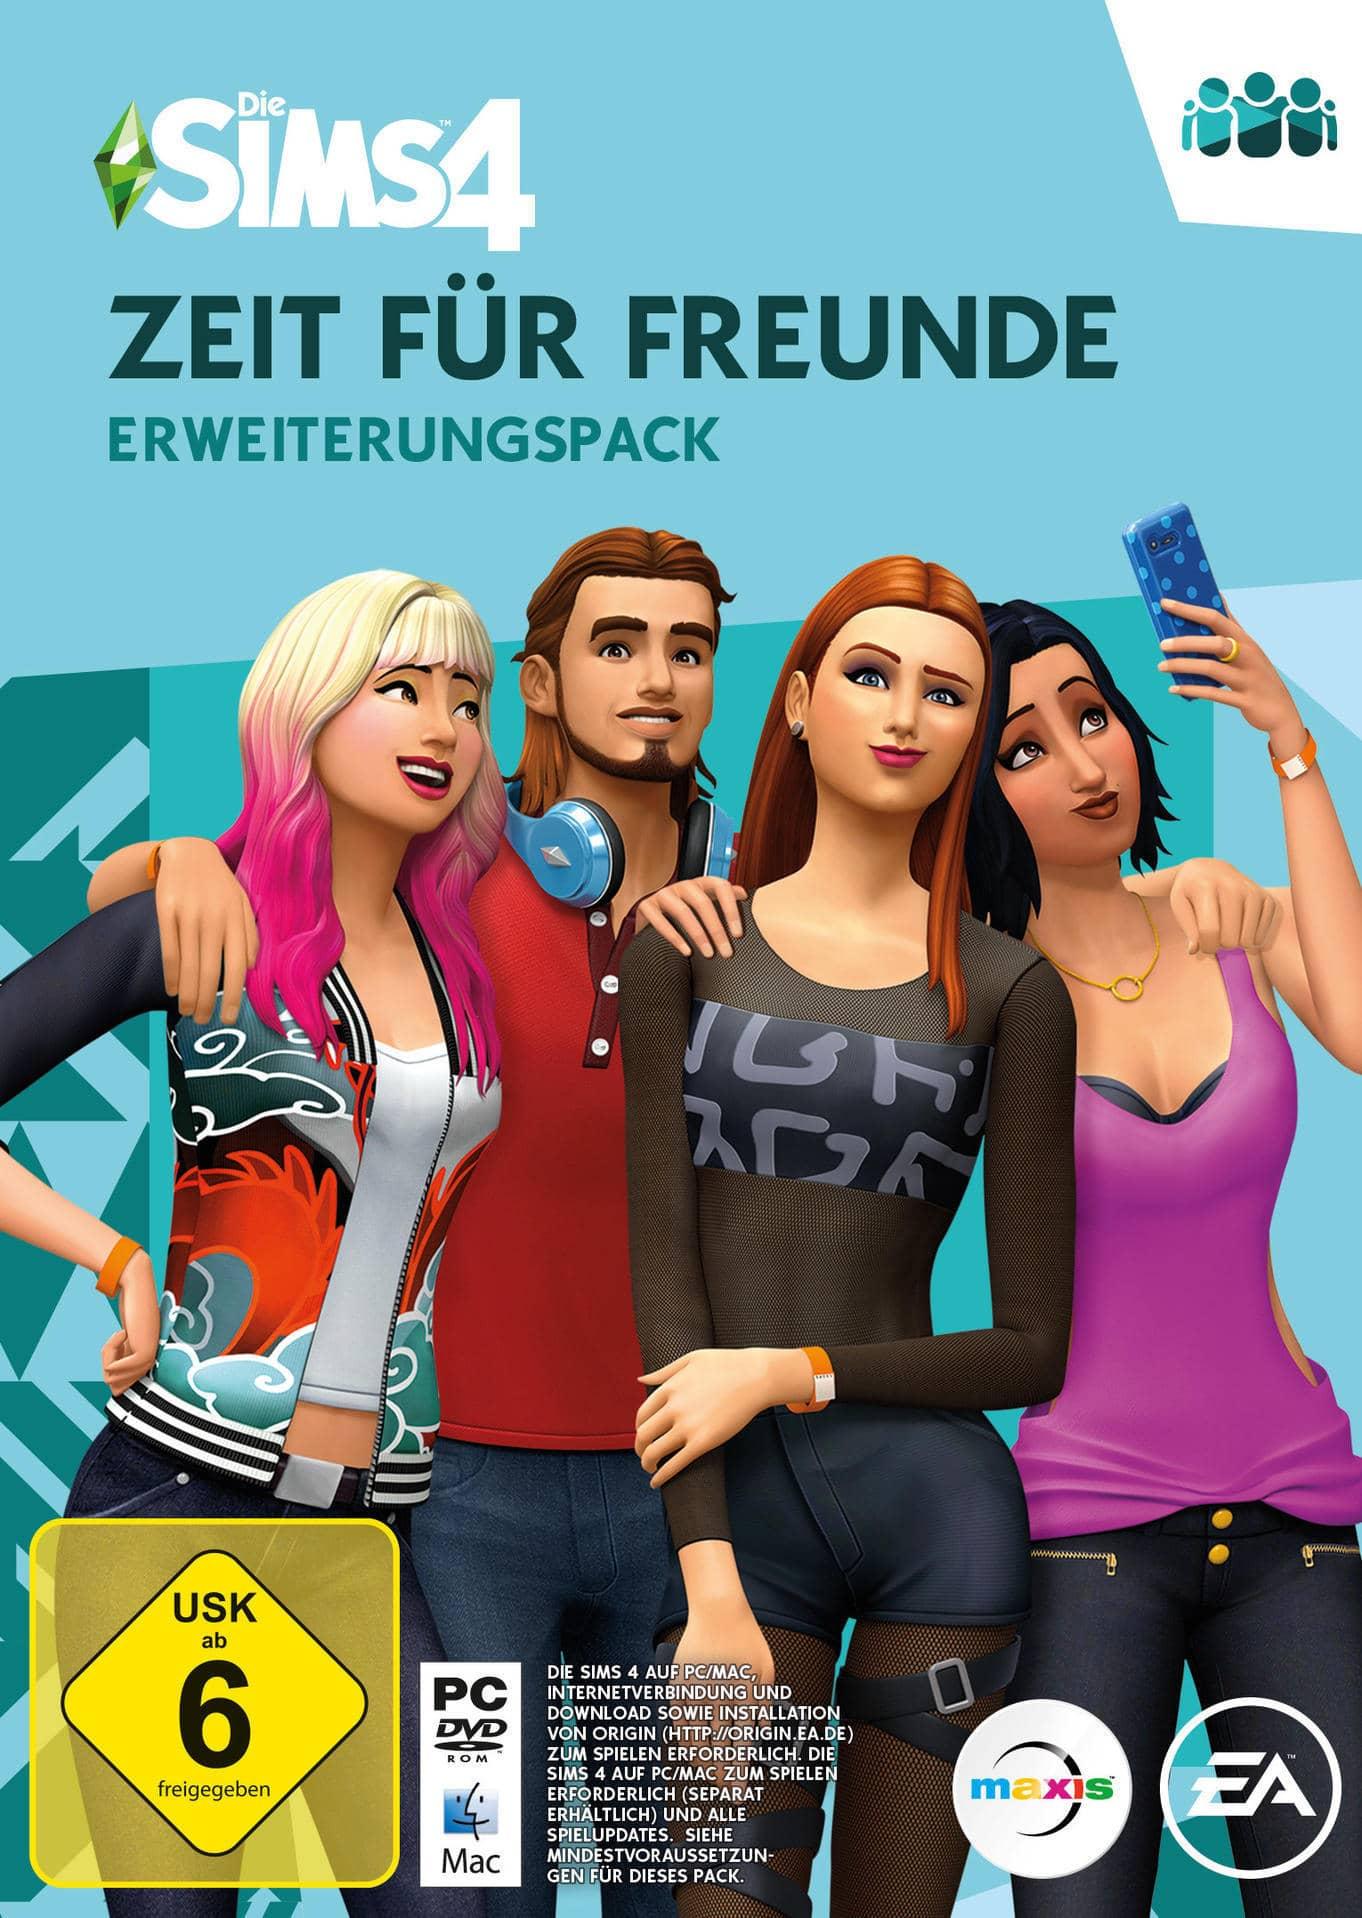 Die Sims 4: Zeit für Freunde (PC) für 19,99 Euro